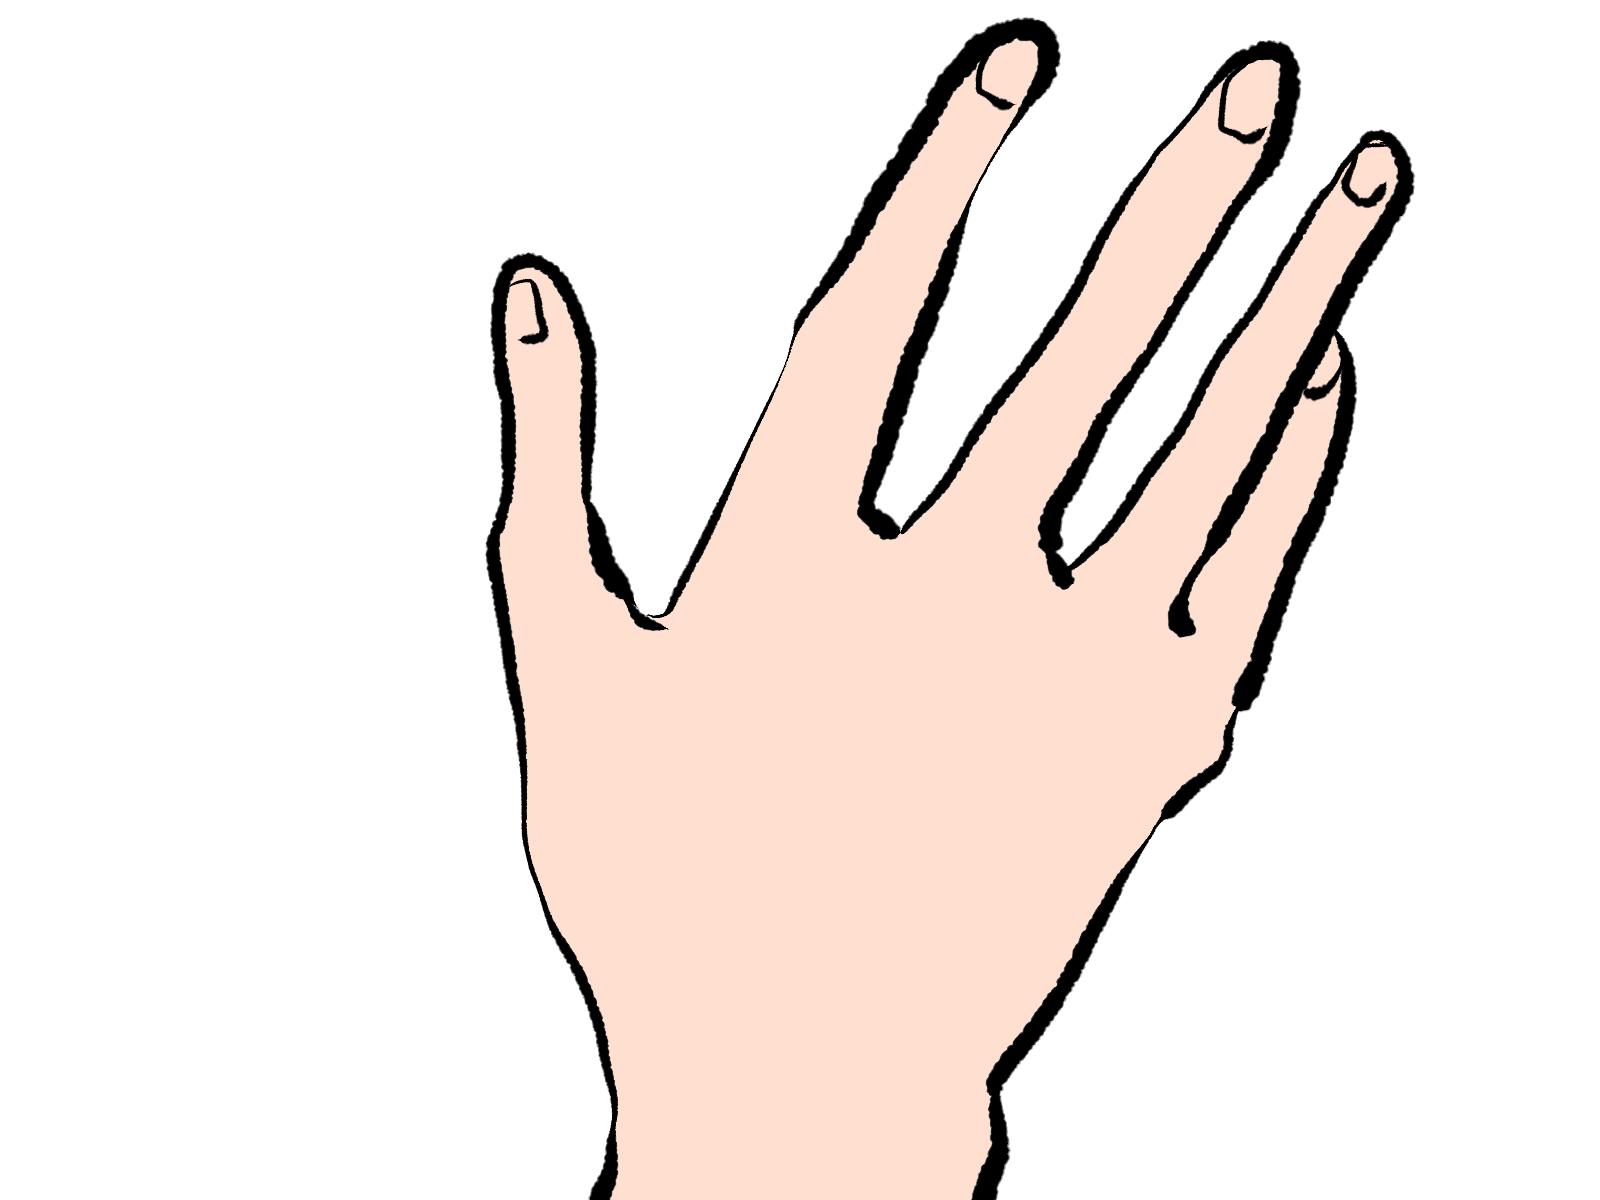 初めての痛風発作が手に現れた珍しい例。骨折と思うほどの激痛